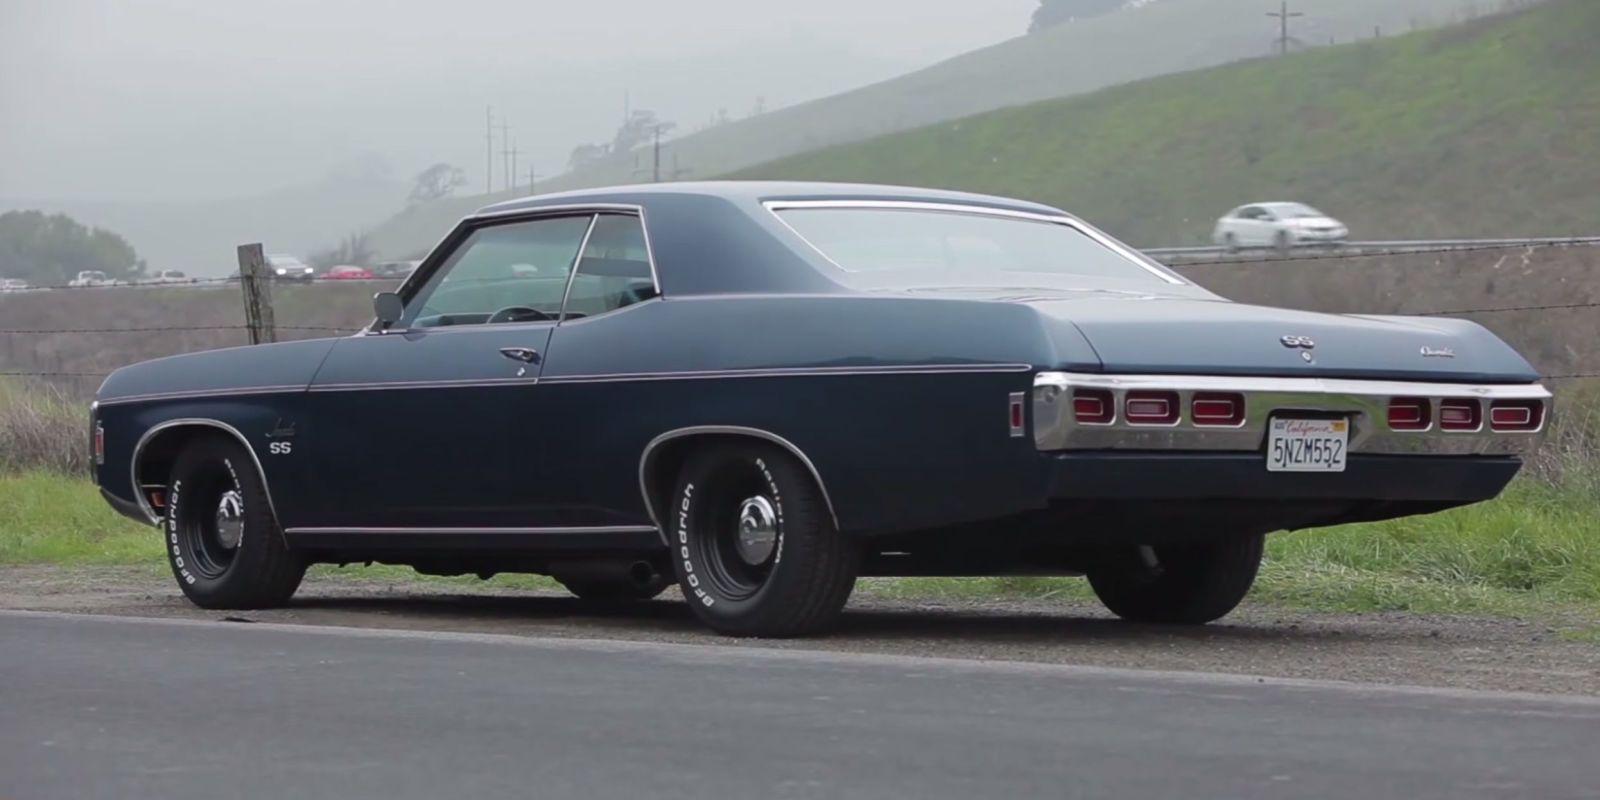 Kelebihan Kekurangan Impala 69 Perbandingan Harga